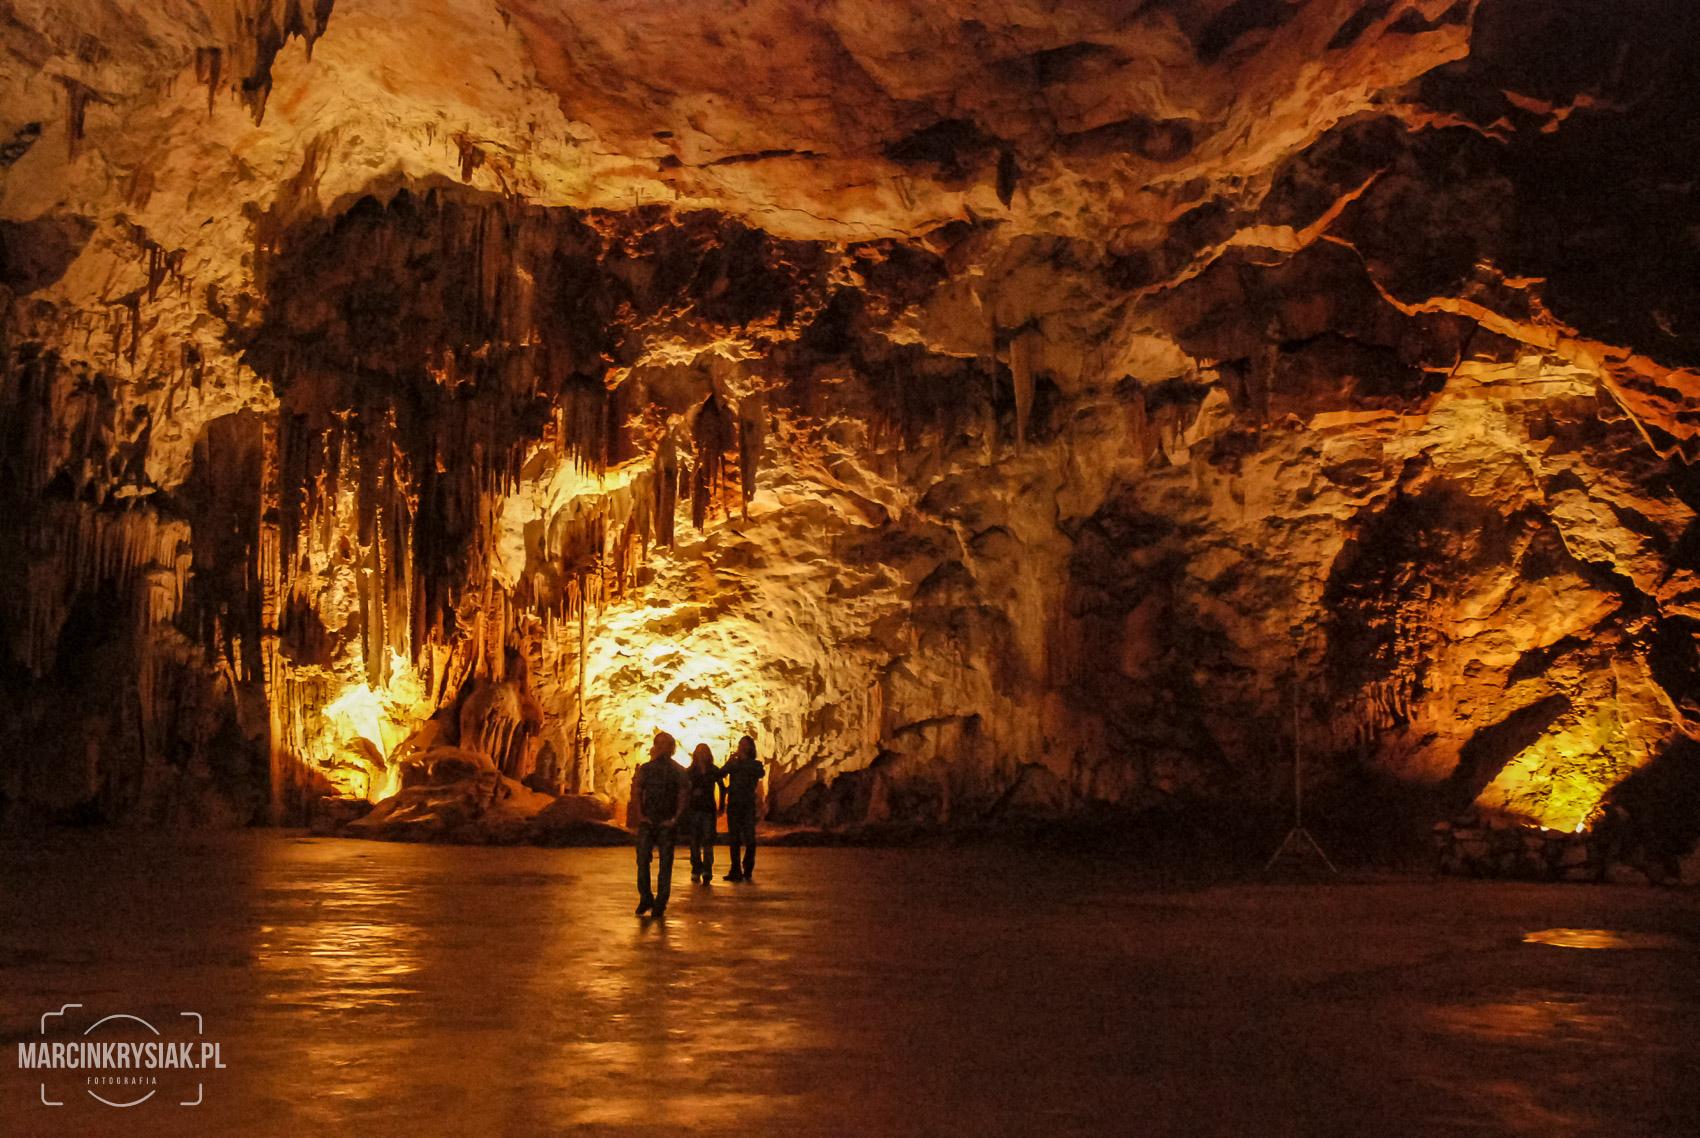 jaskinia, Postojna, Jama, S³owenia